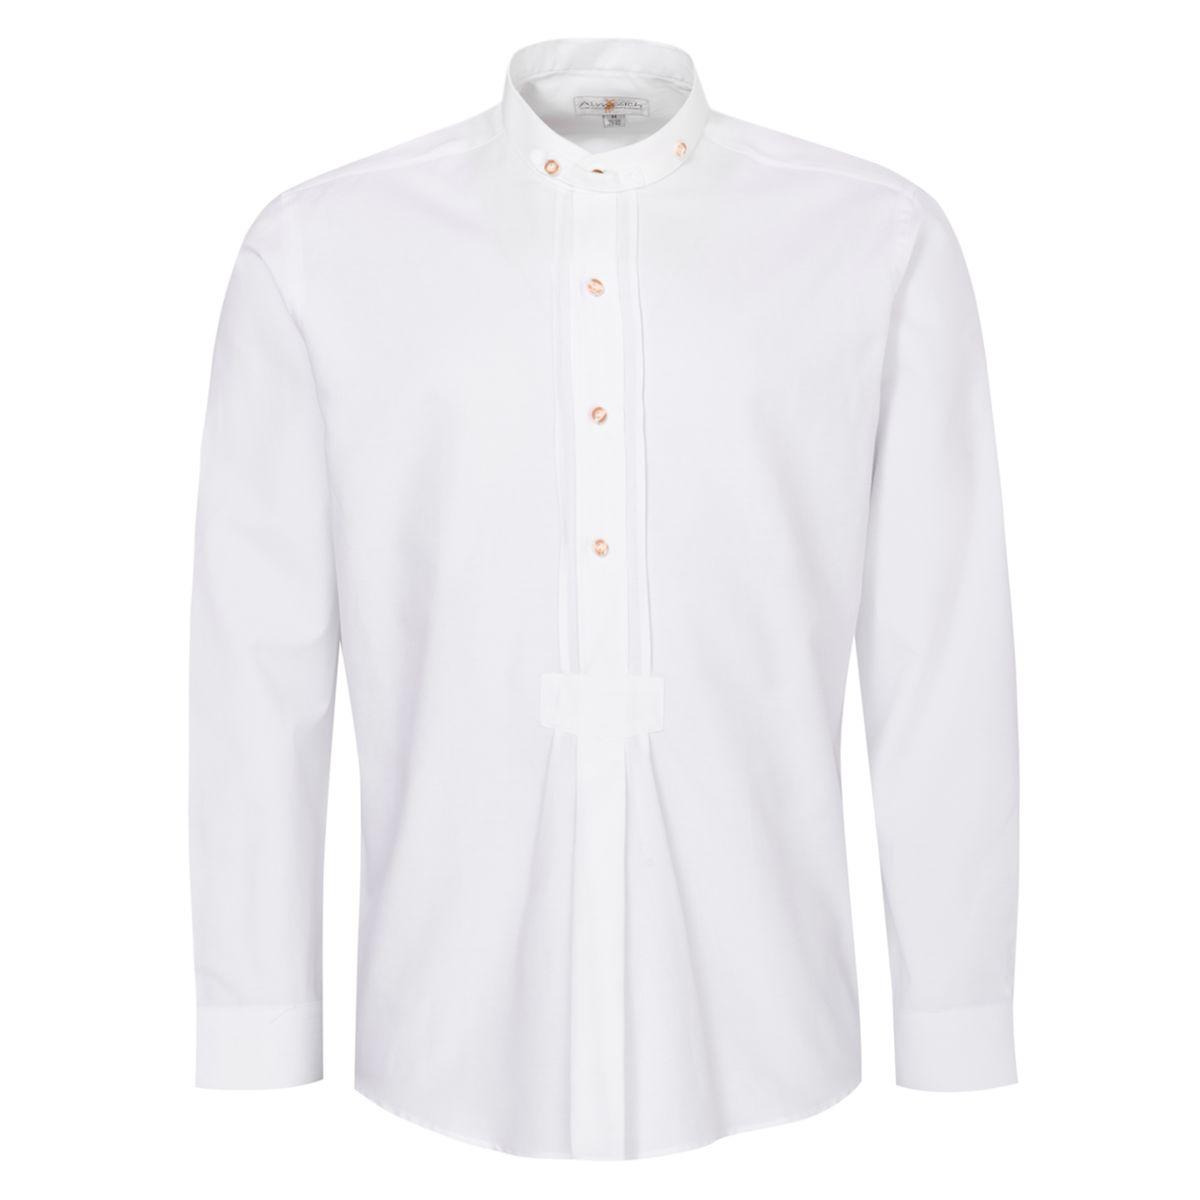 Trachtenhemd Justus Regular Fit mit Biesen in Weiß von Almsach günstig online kaufen